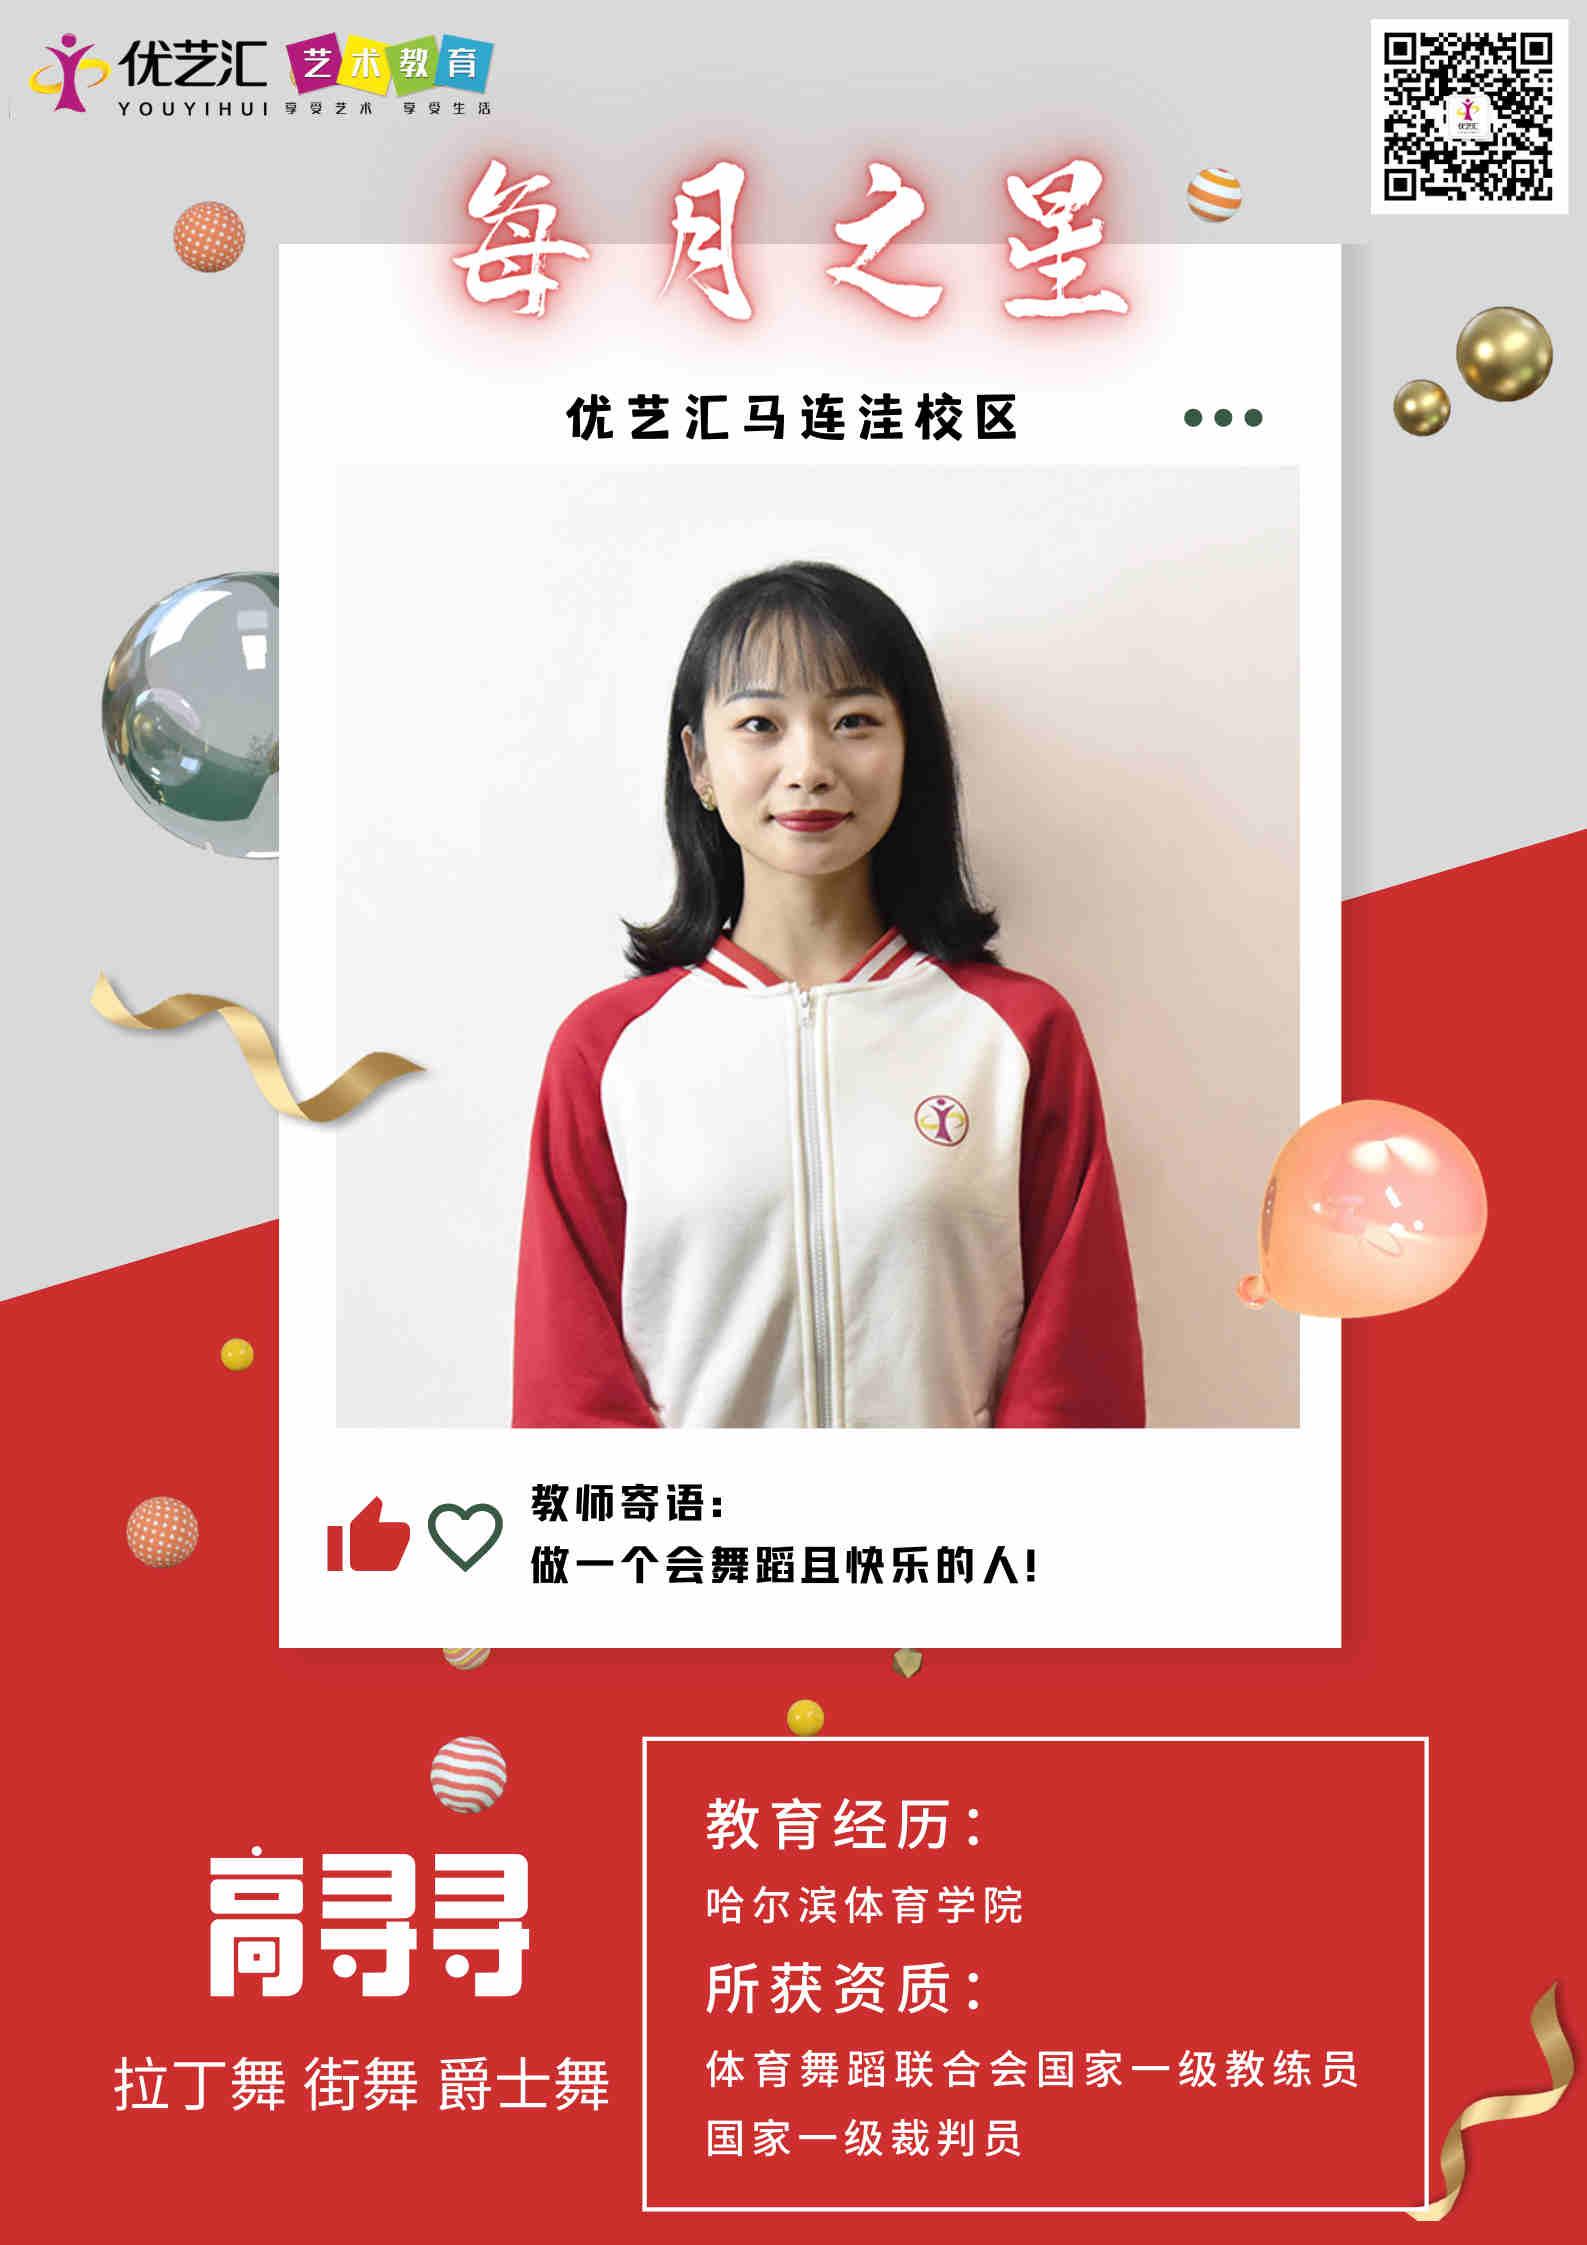 第一期马连洼高寻寻(1).jpg